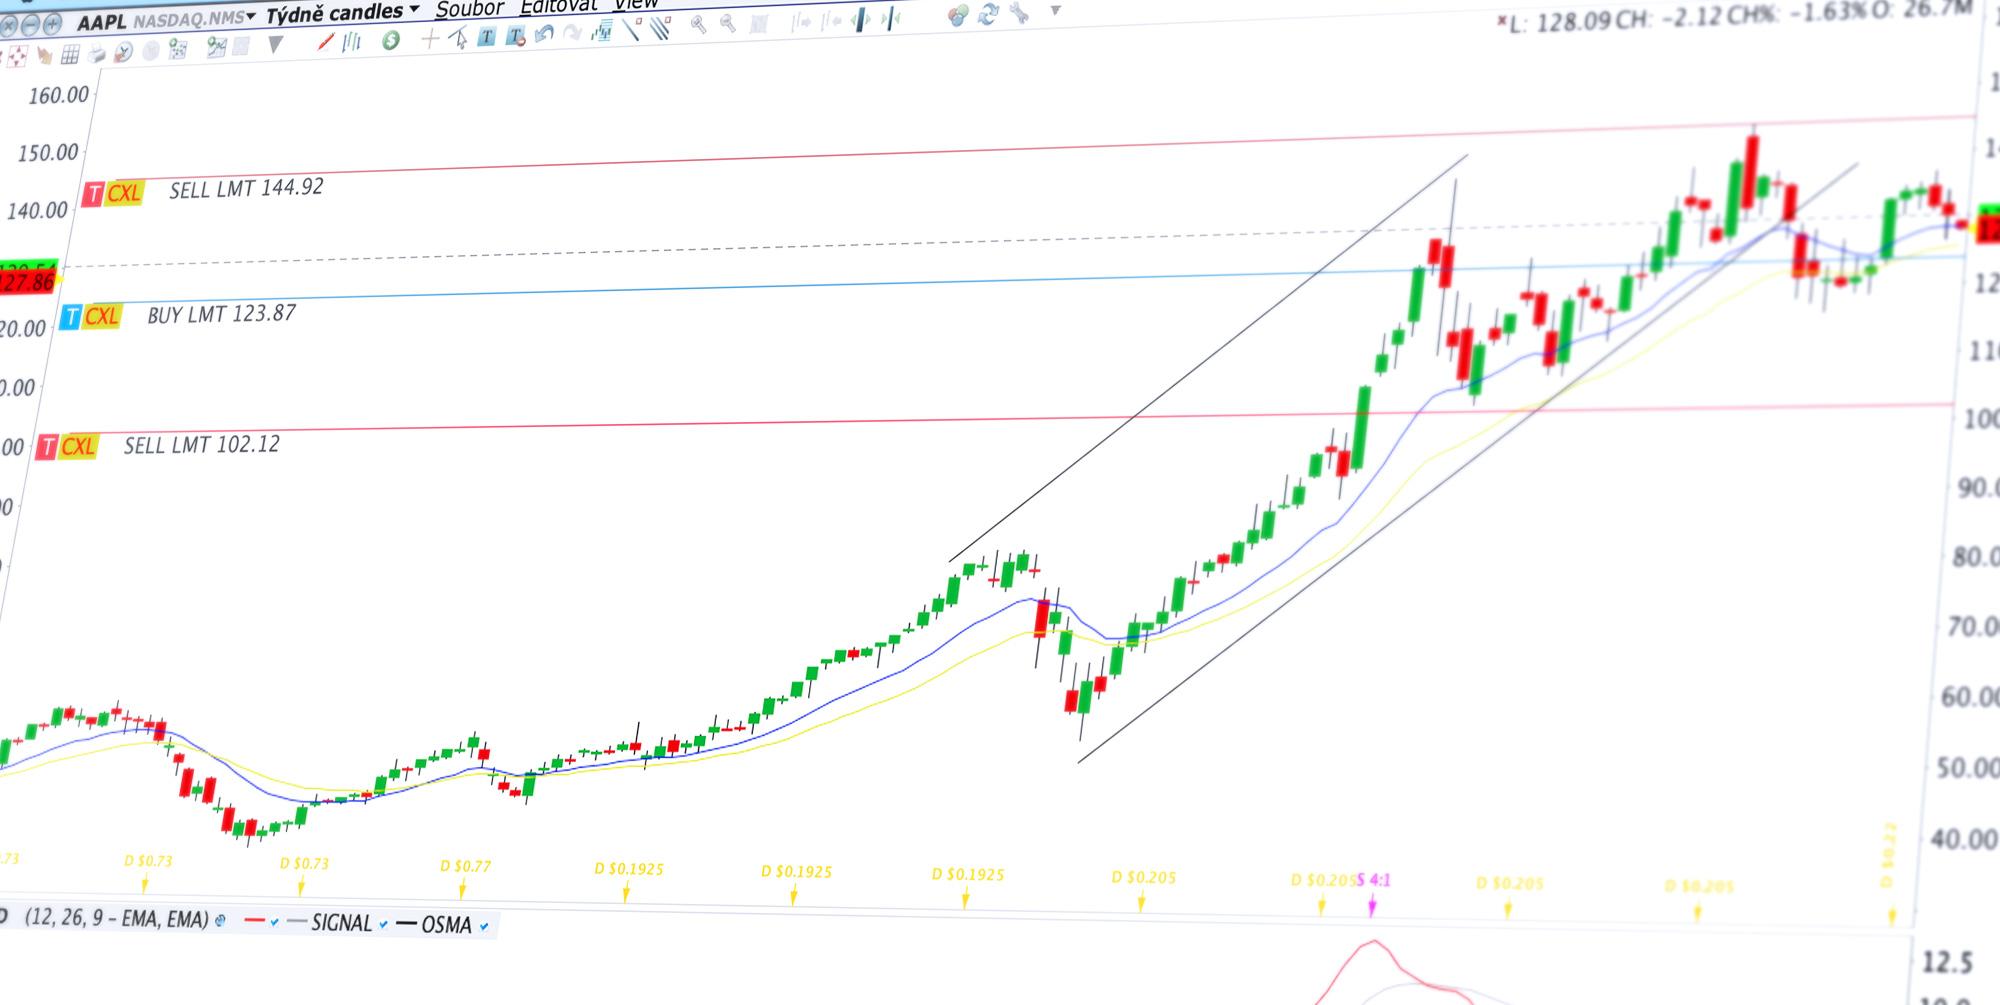 Detail obchodní platformy Trader Workstation (TWS) s cenovým grafem a obchodními příkazy na akcii AAPL